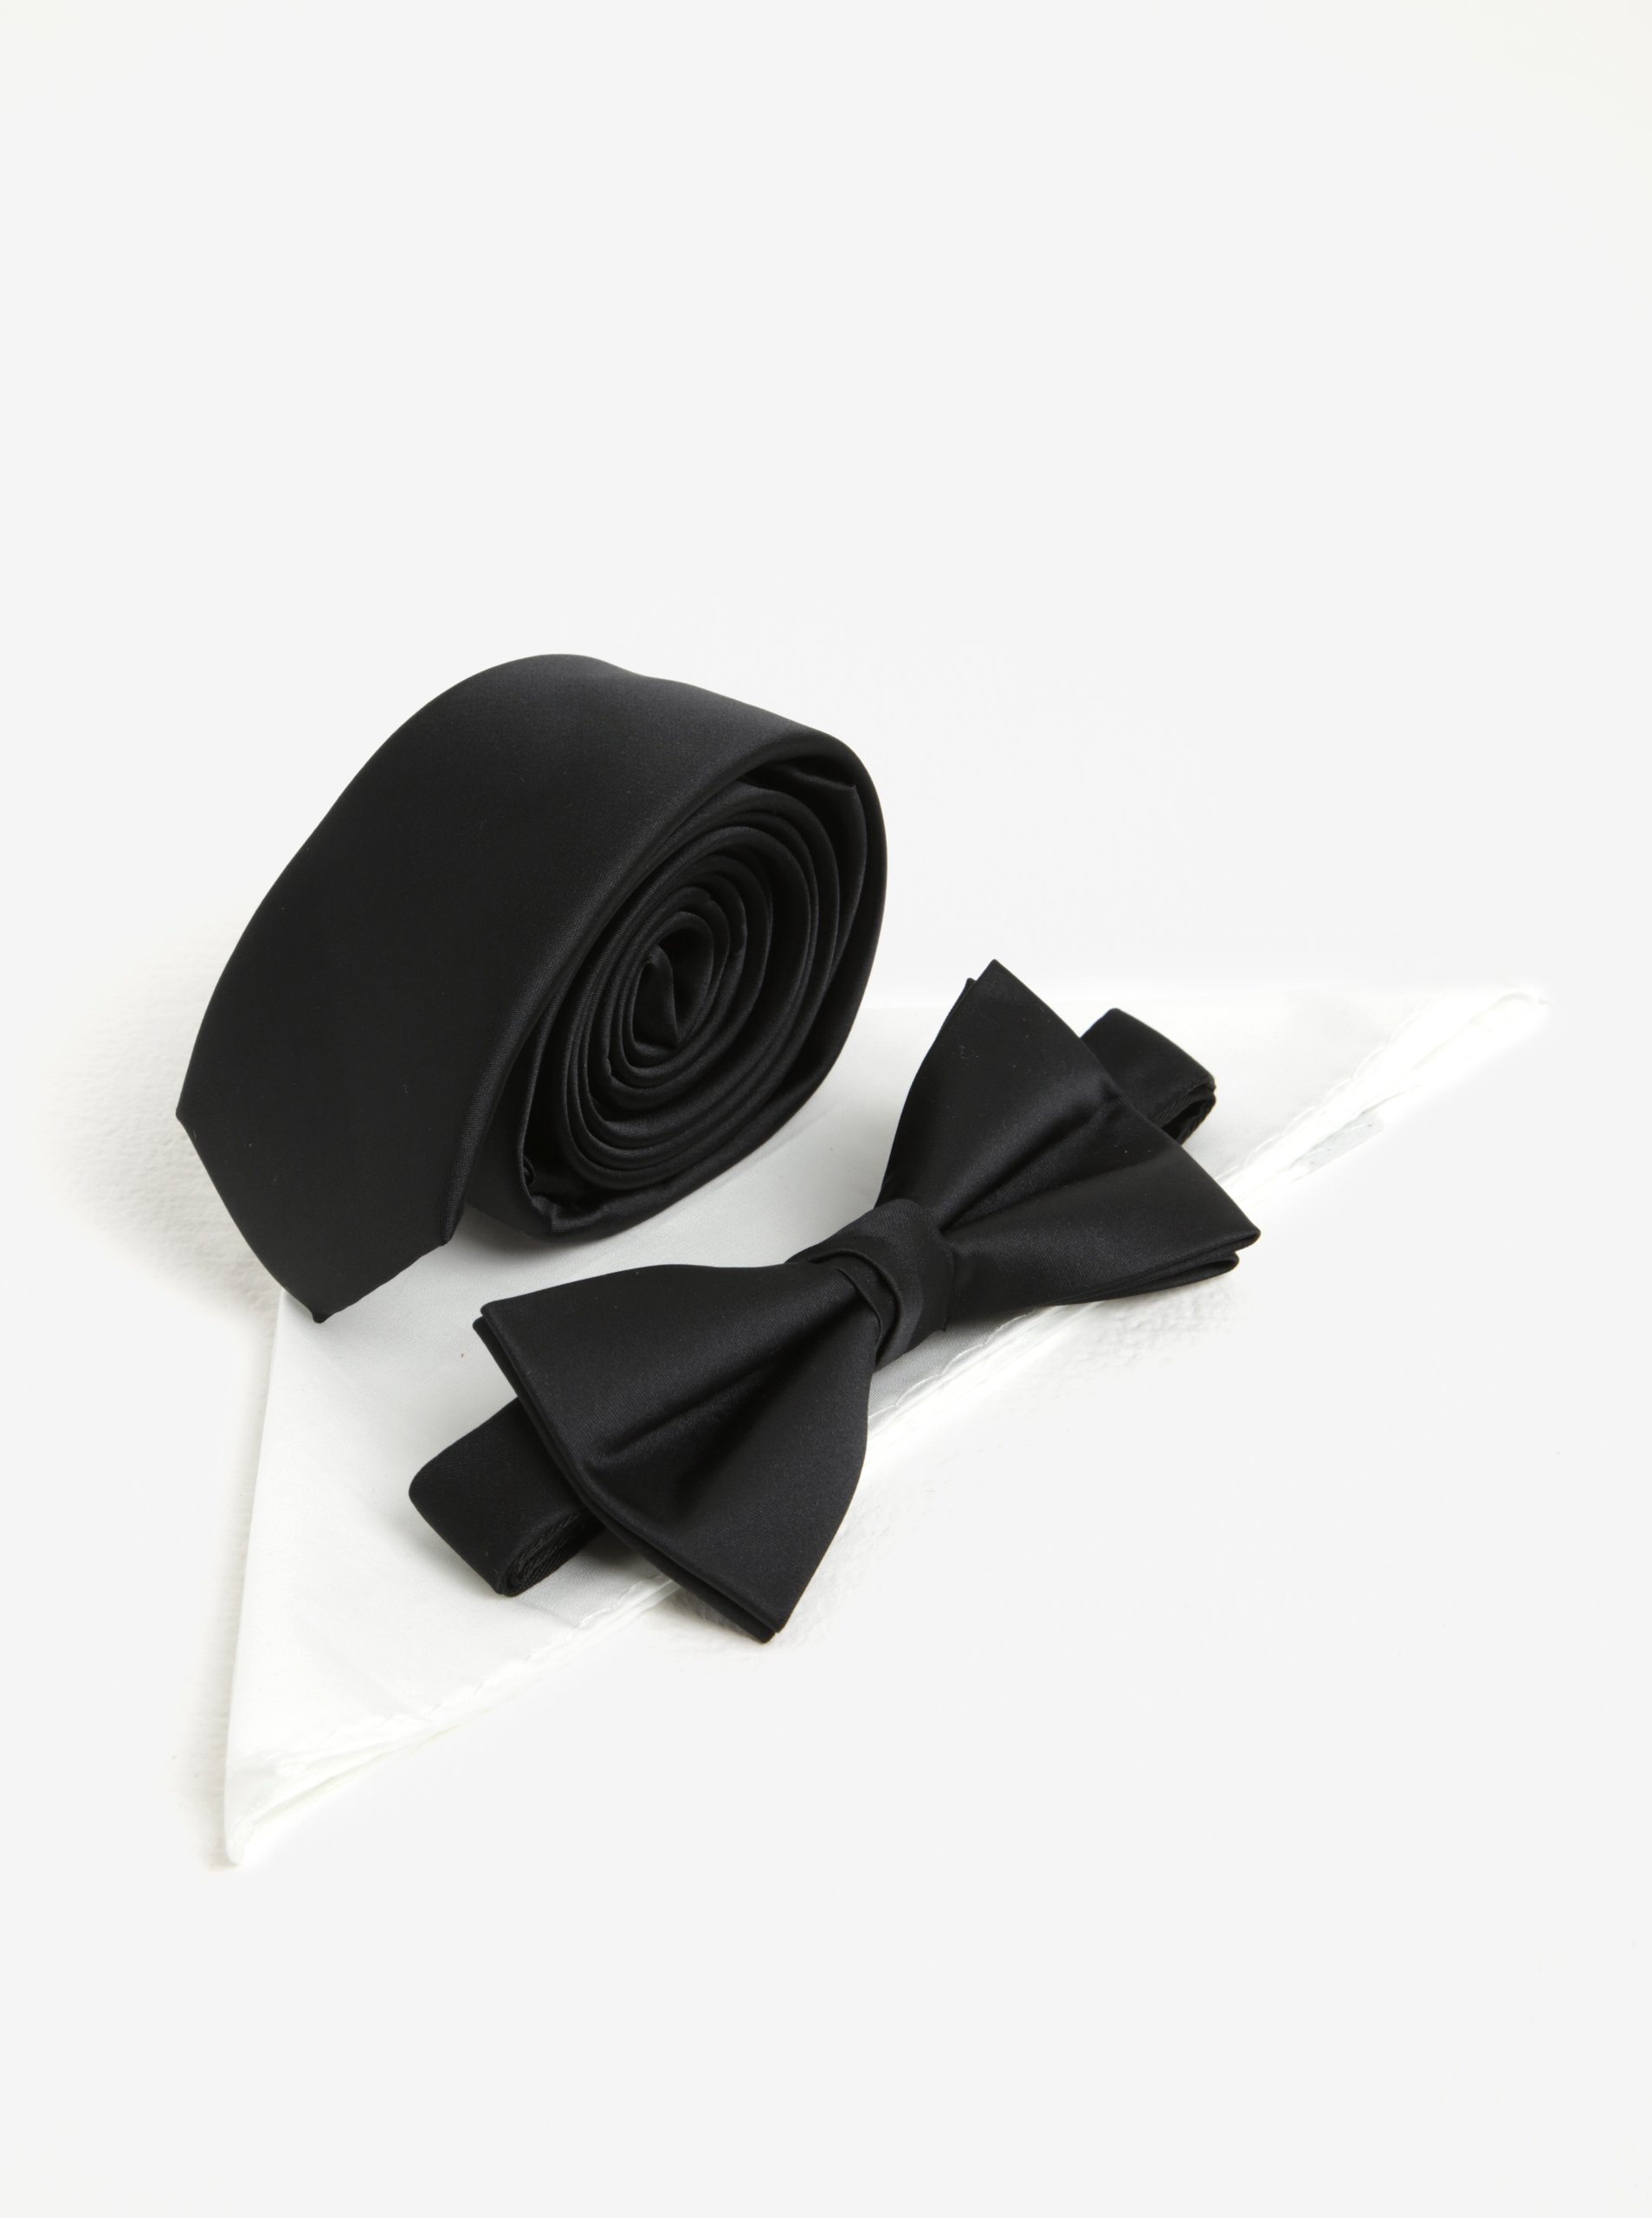 Súprava kravaty, motýlika a vreckovky v čiernej a bielej farbe Jack & Jones Premium Necktie